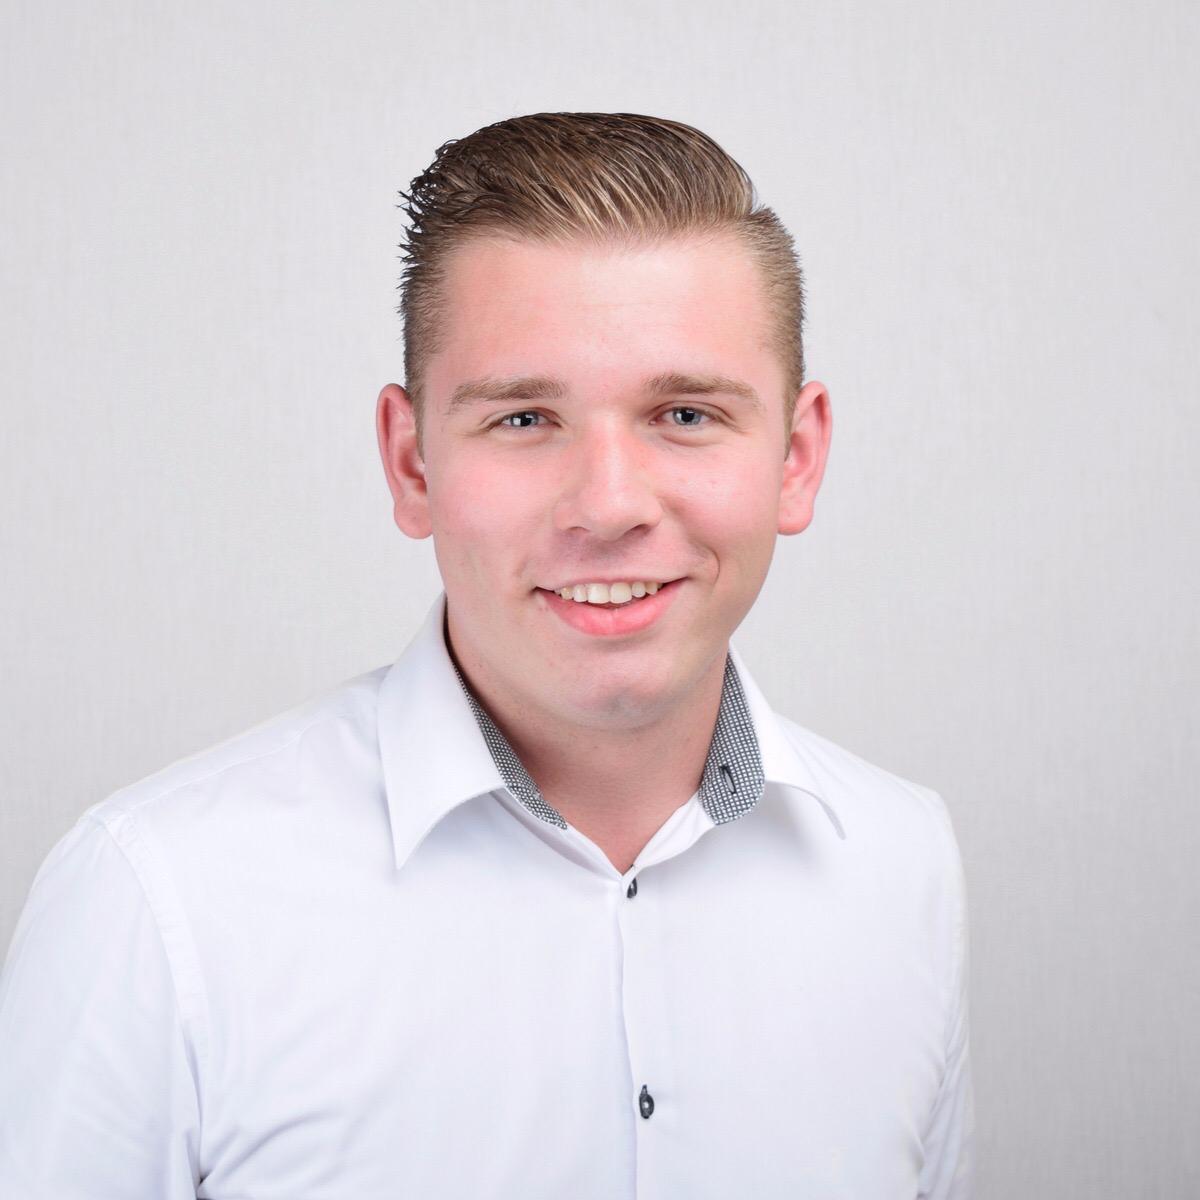 Mike van den Broek